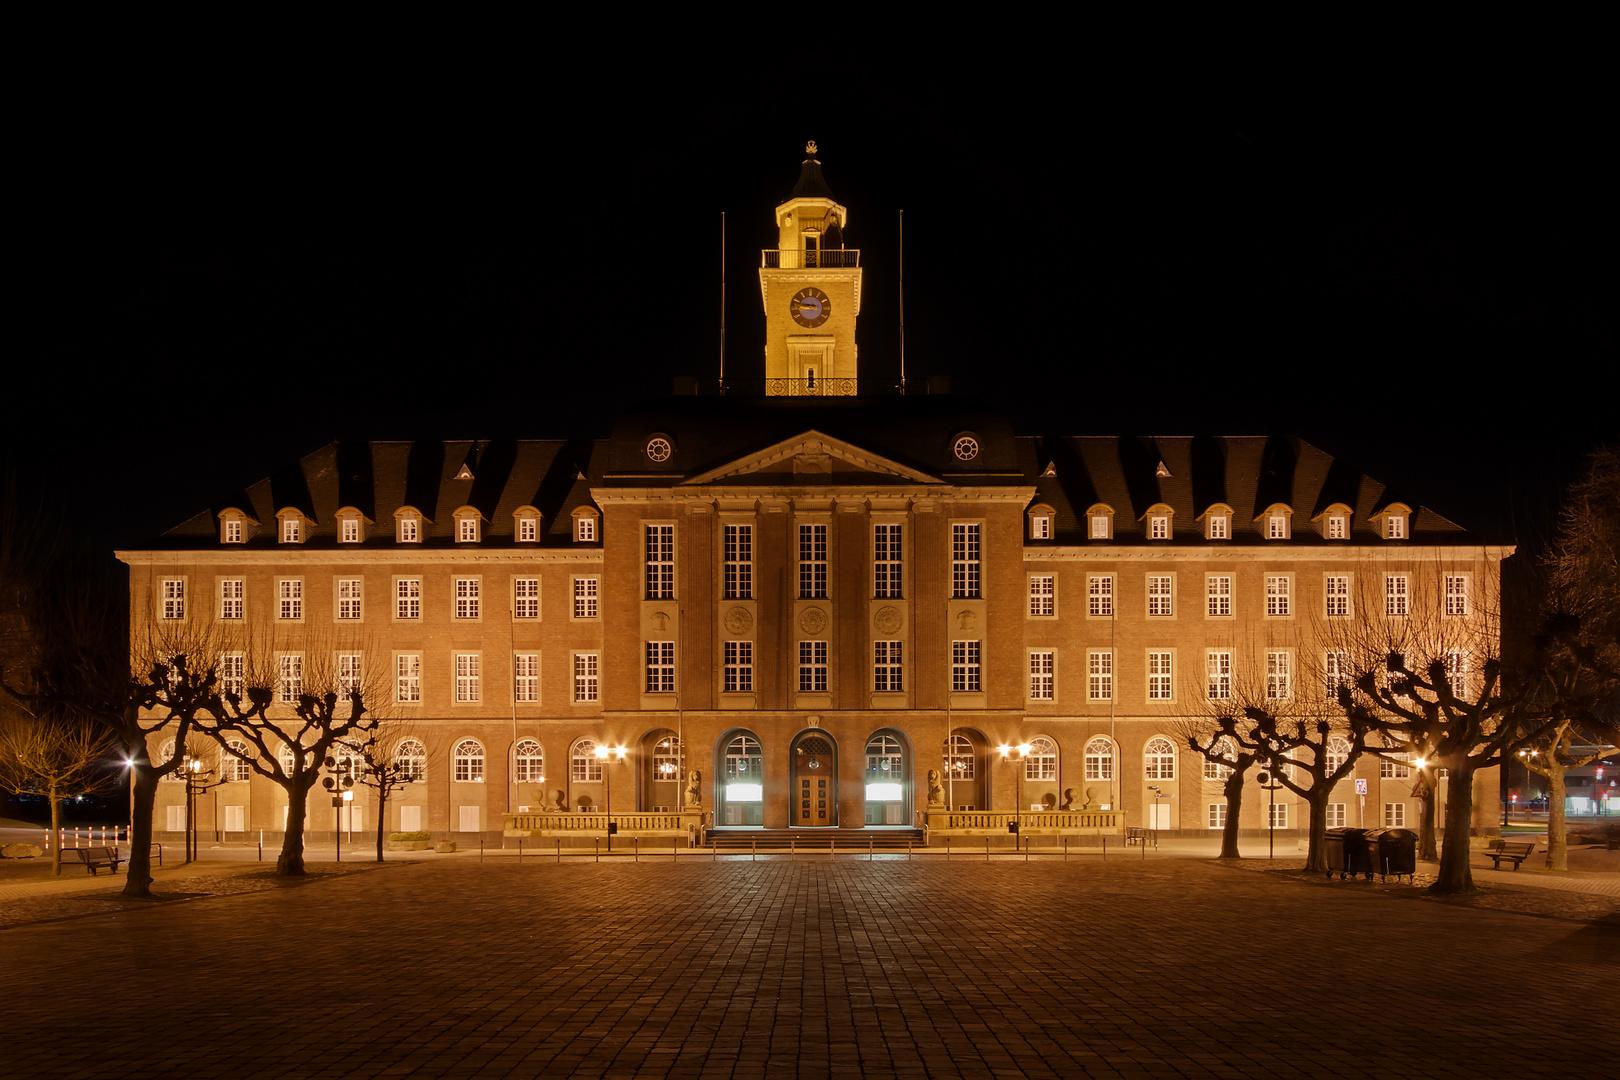 Das Rathaus in Herne